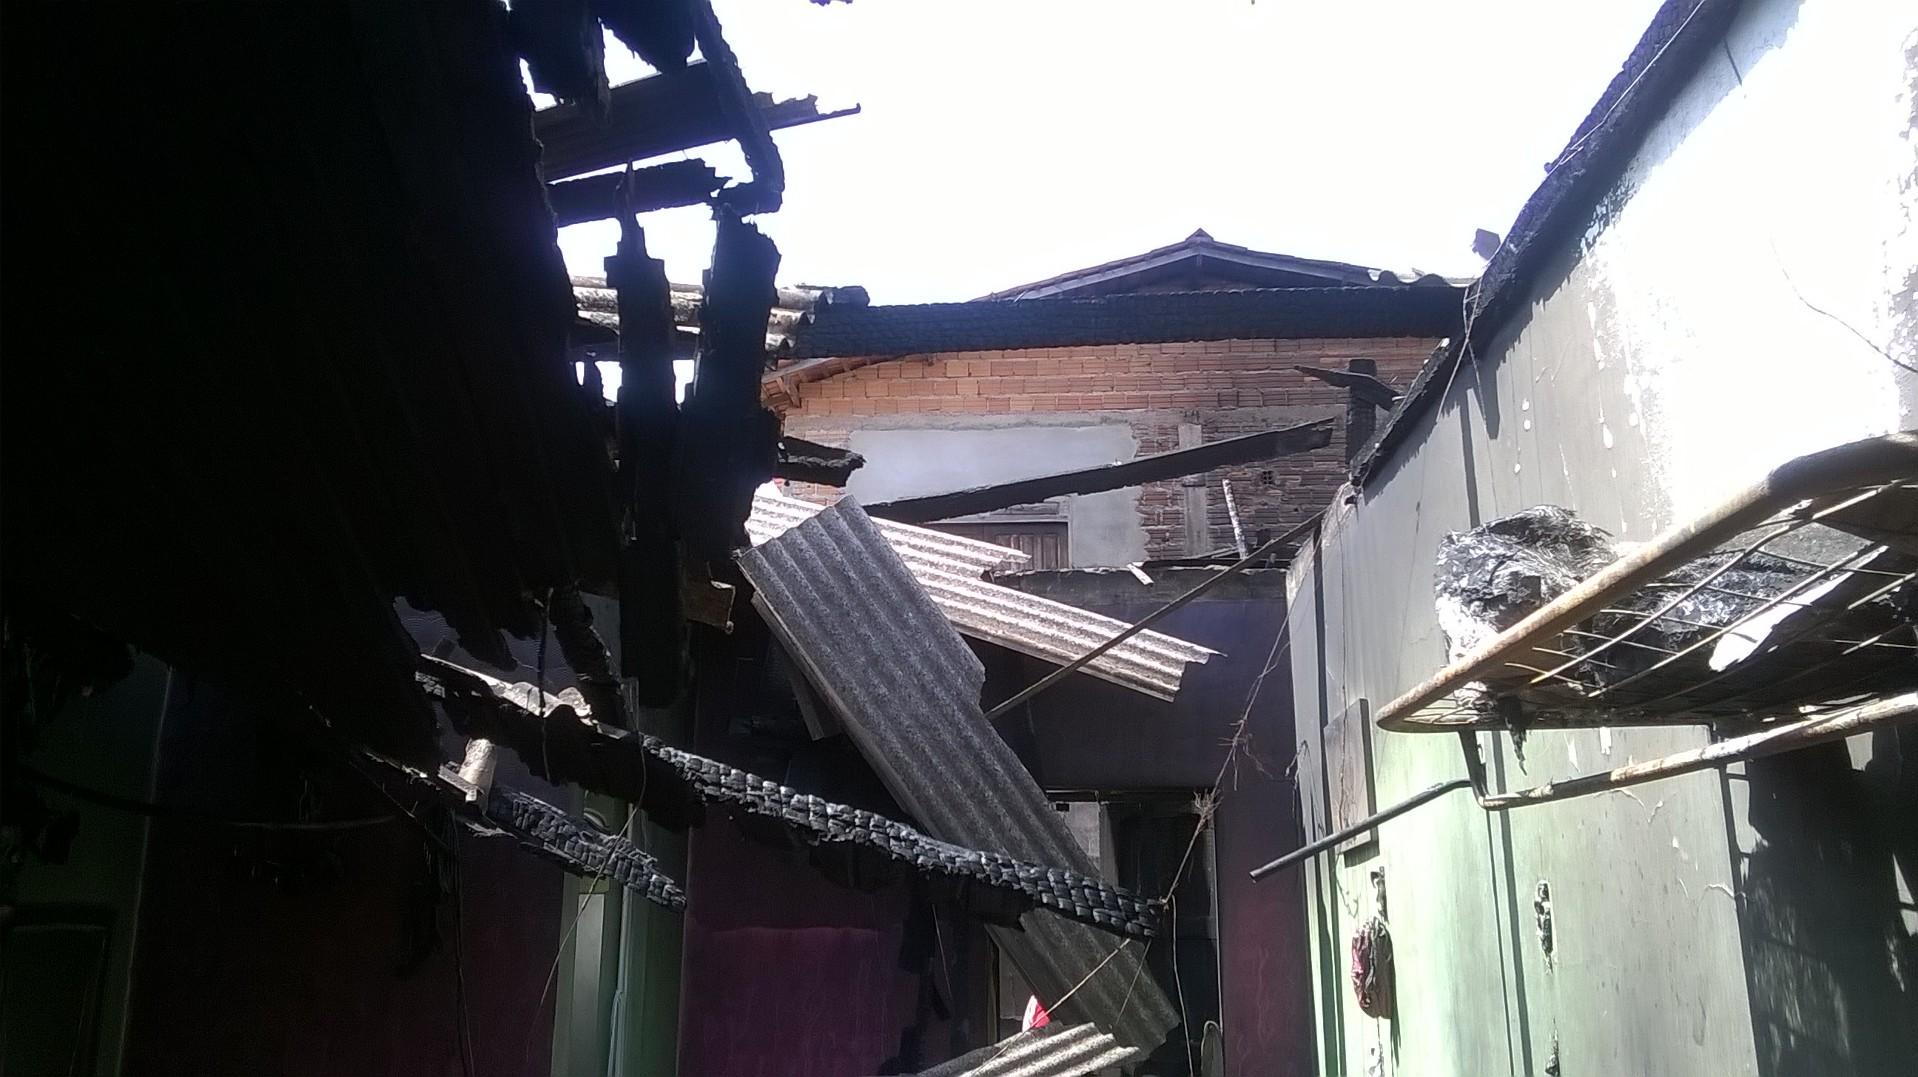 Família fica presa em incêndio, mas sobrevive